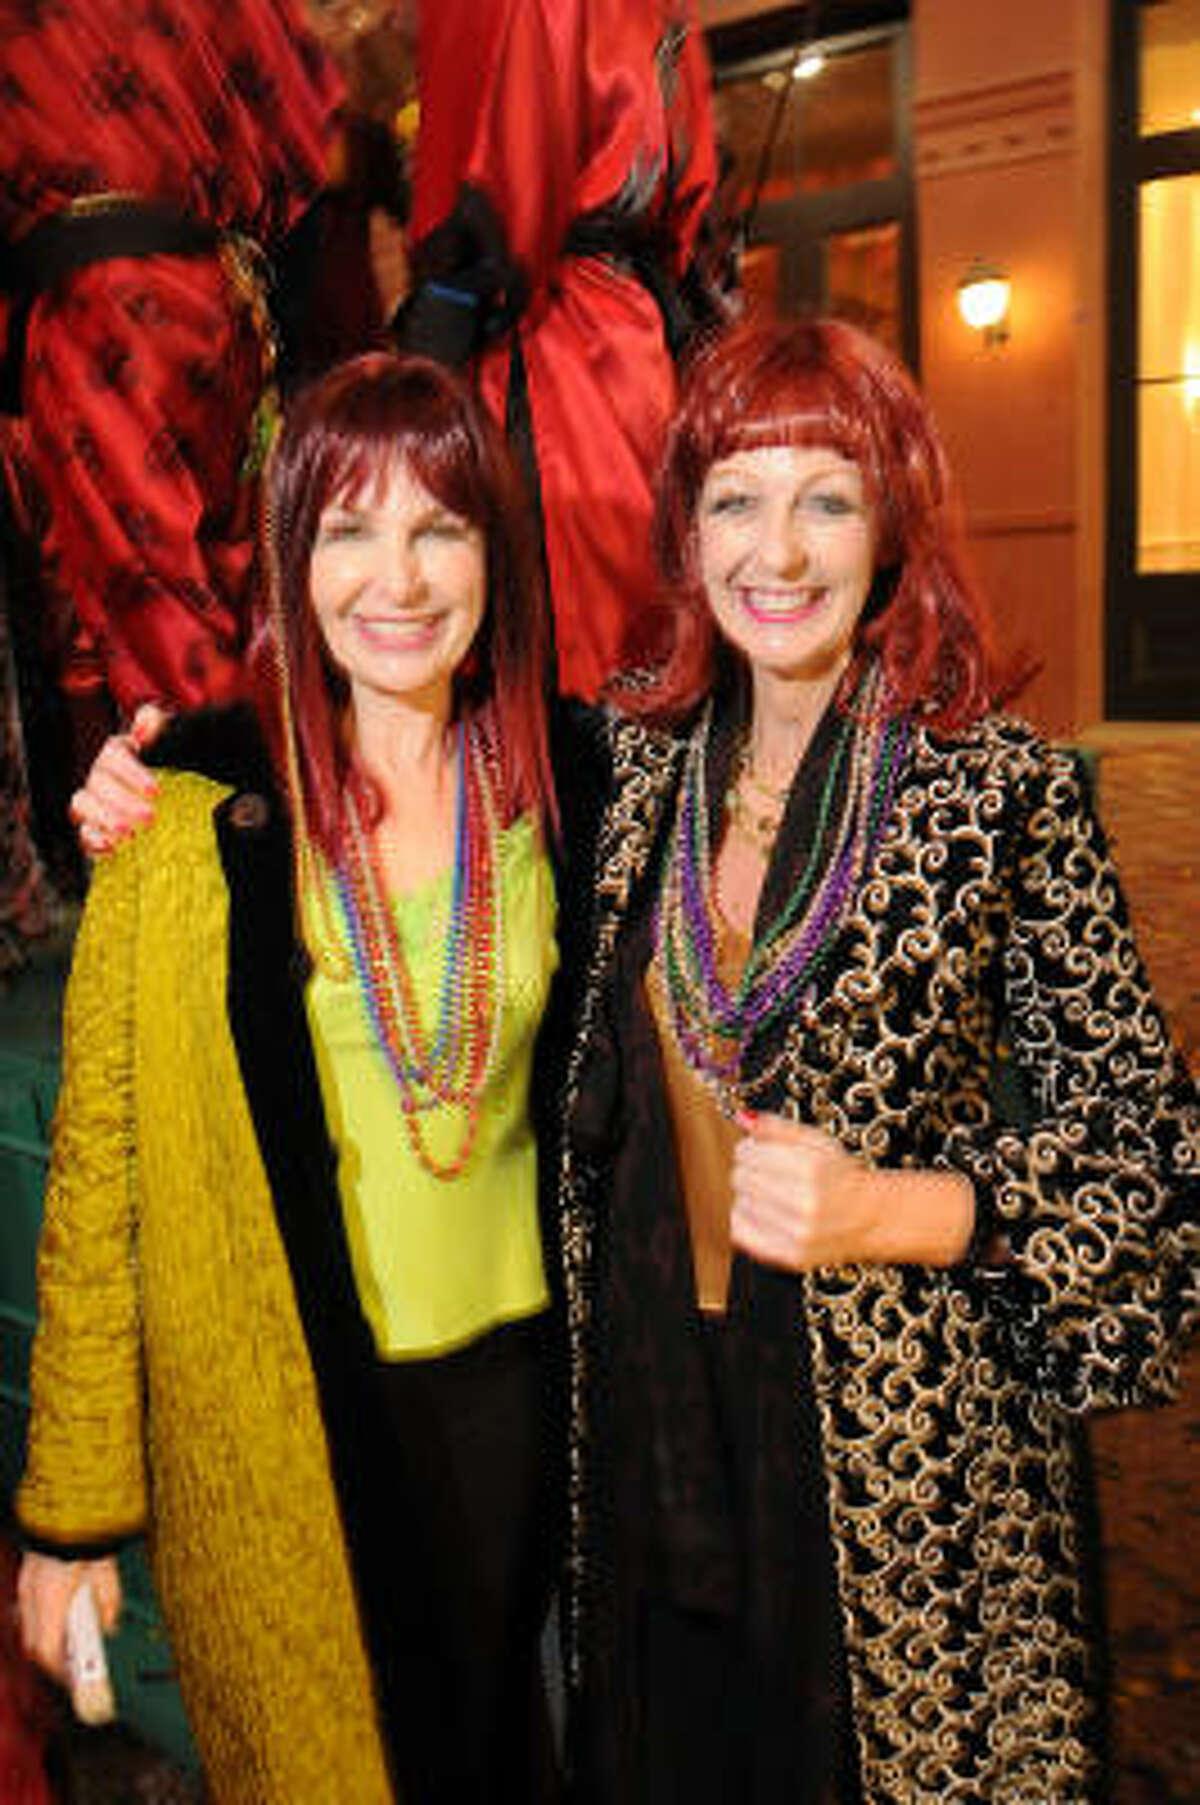 Brenda Mitchell and Janice Hurst